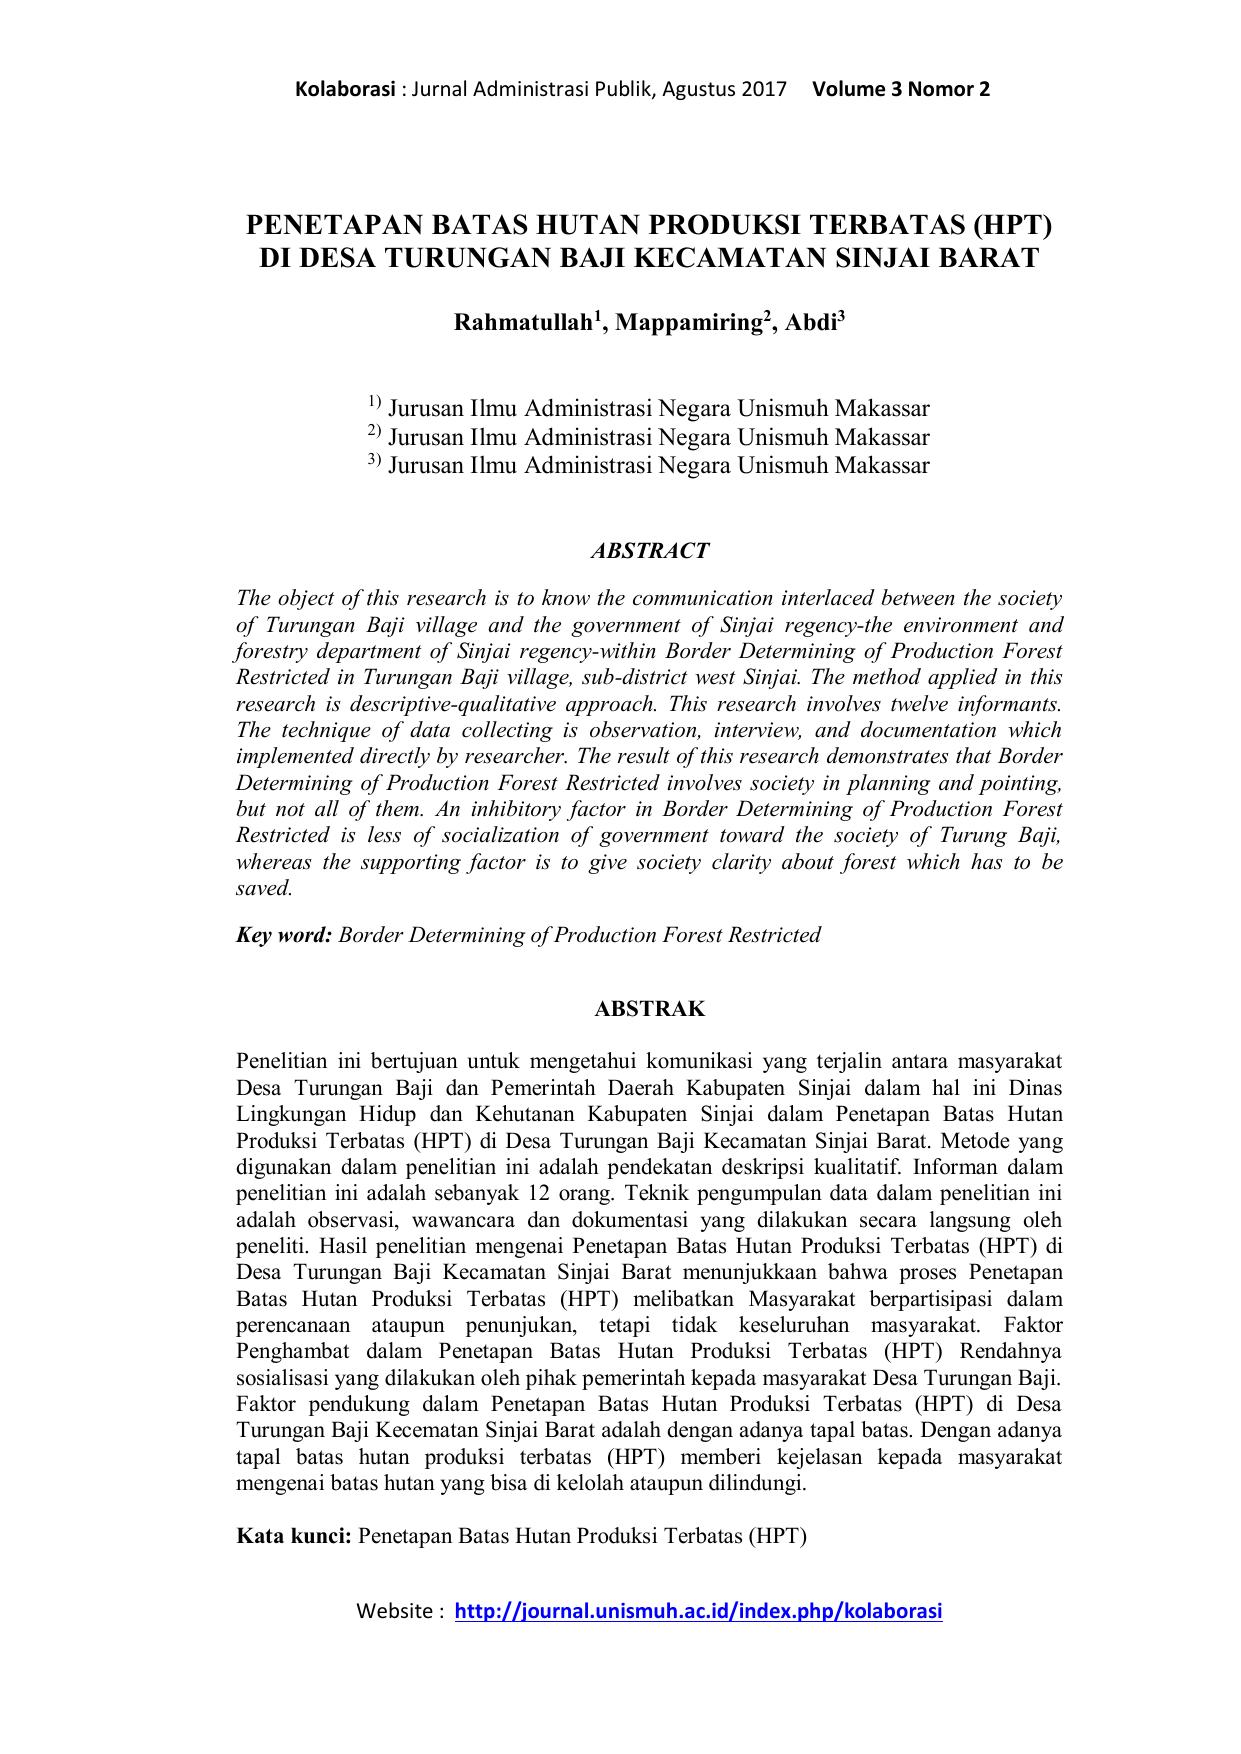 Contoh Abstrak Skripsi Hukum Tata Negara Pejuang Skripsi